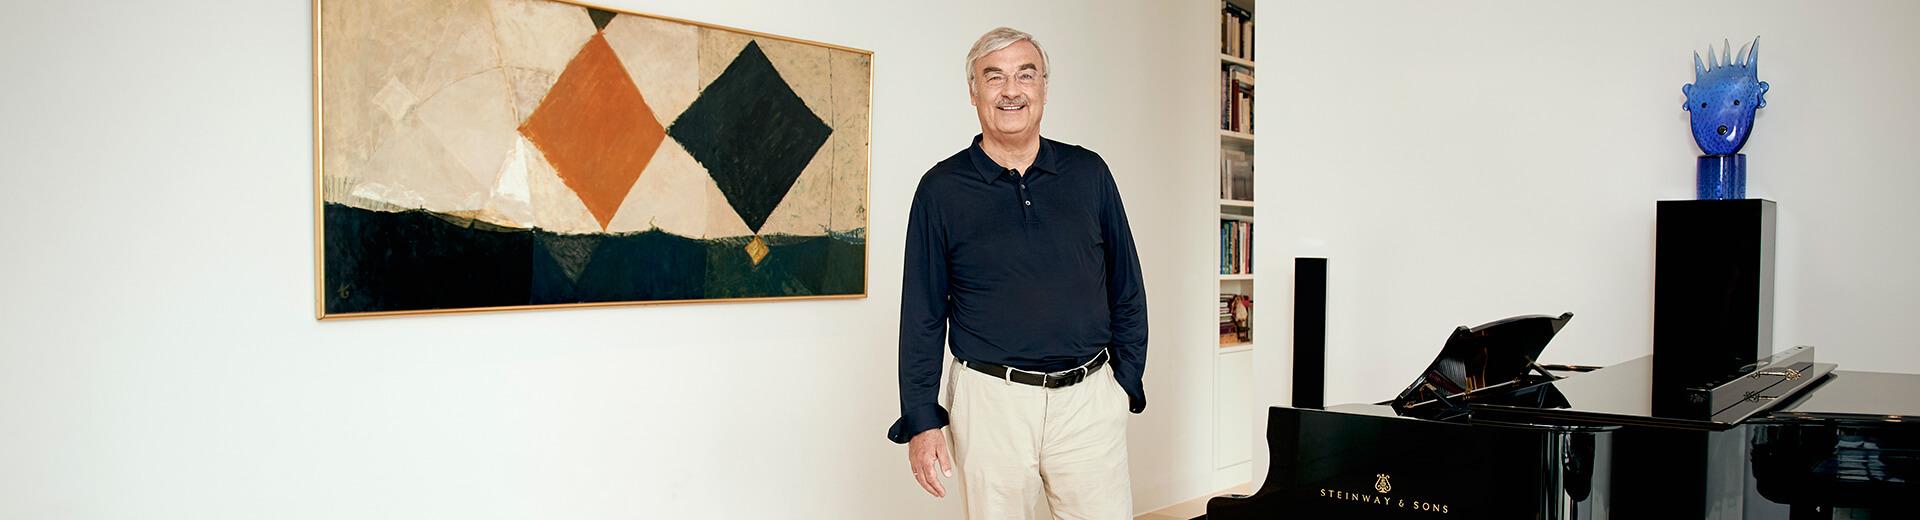 Kulturelle & soziale Engagements von Dr. Peter Gloystein